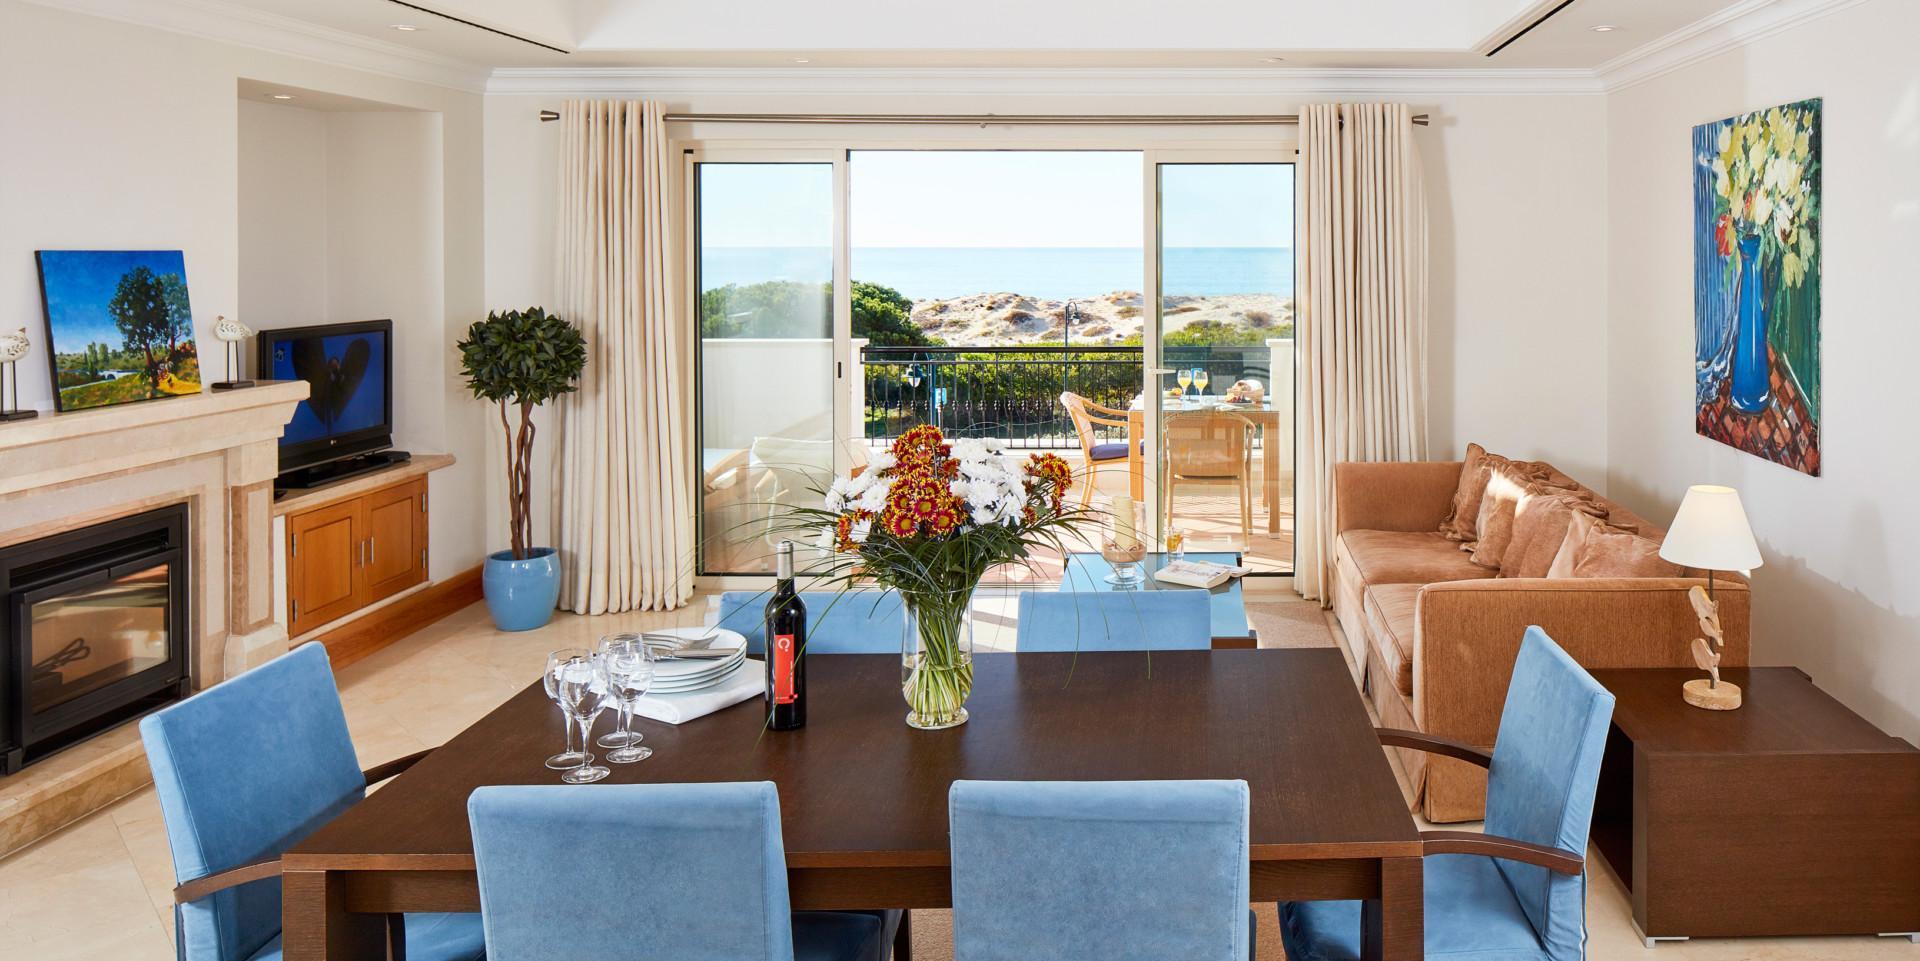 Dunas Douradas Beach Club Front Sea View 1 bedroom Apartment - Dunas Douradas Beach Club, Vale do Lobo, Algarve - DDBC_X3A2268CB-1920x961.jpg